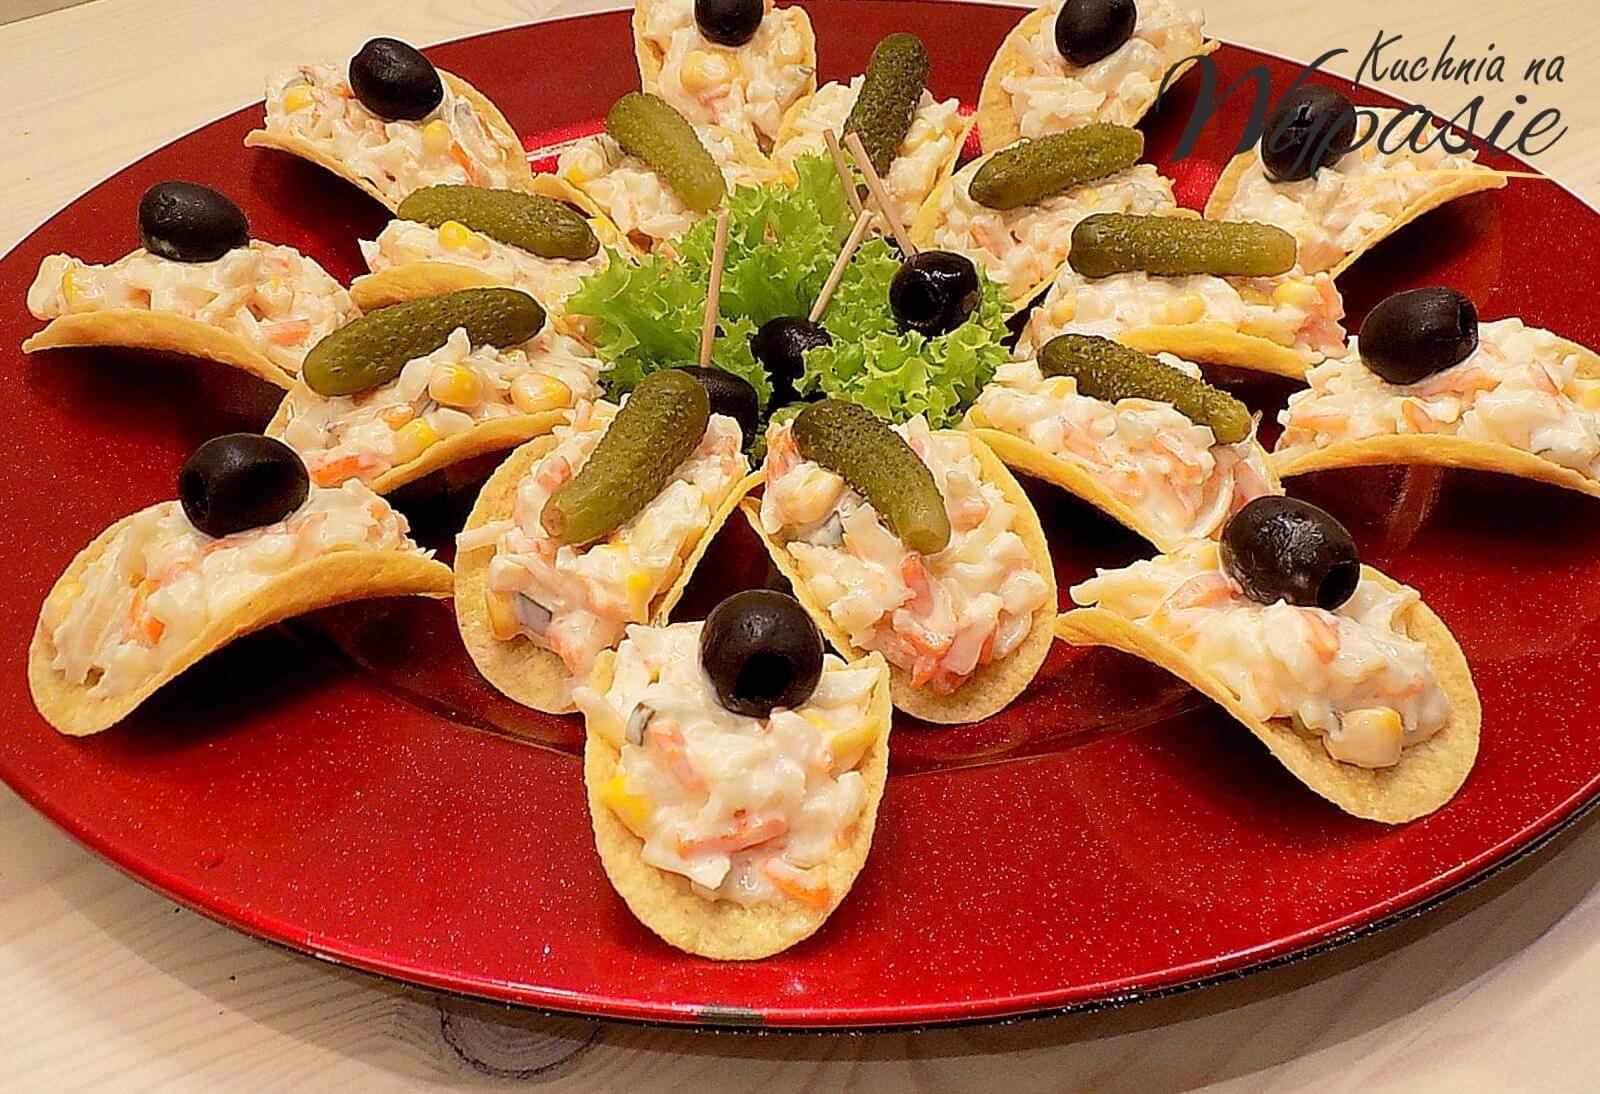 Sałatka - przekąska na chipsach